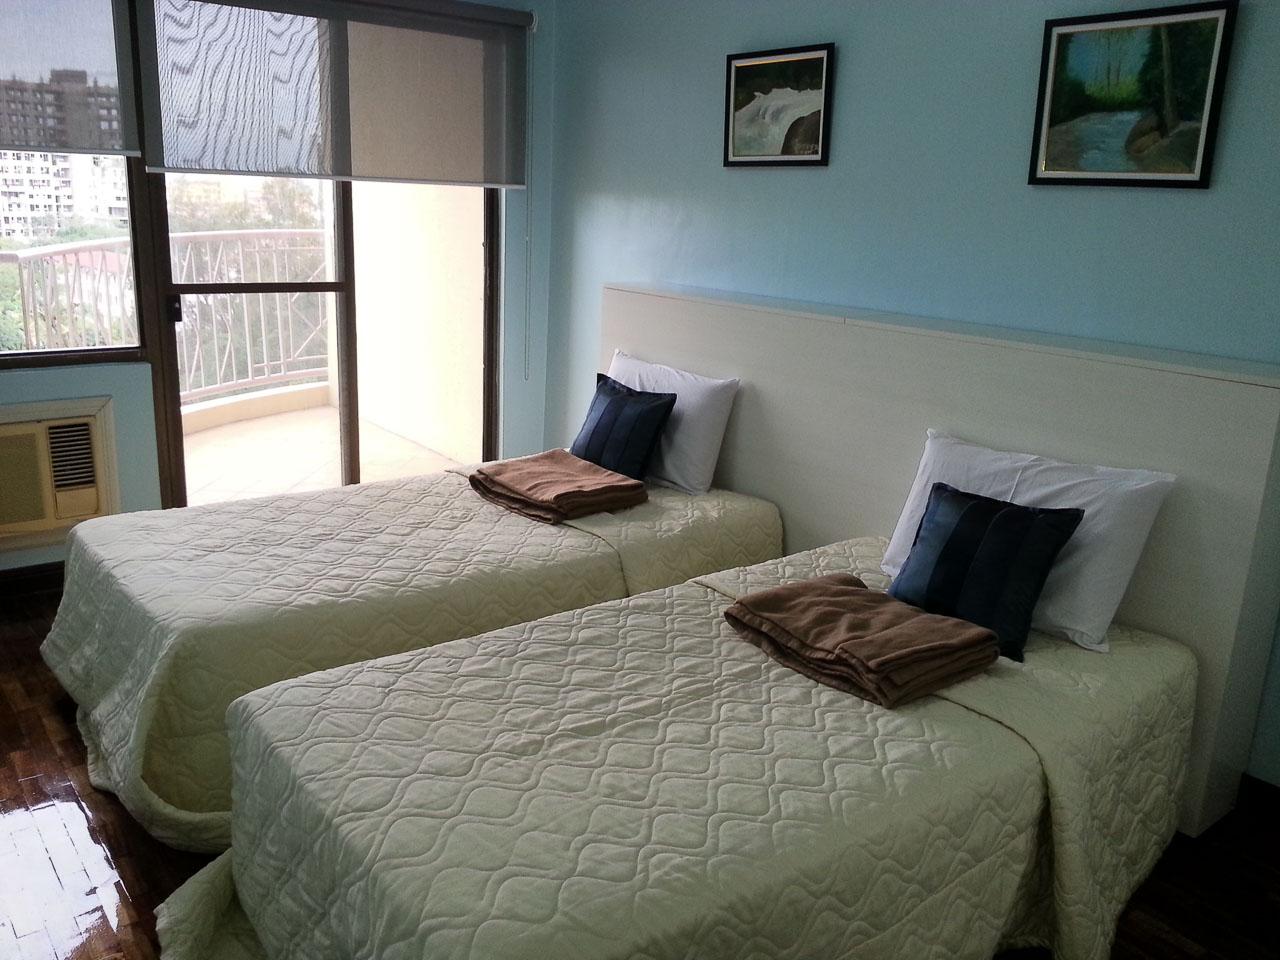 2 Bedroom Condo For Rent In Cebu Near It Park Cebu Grand Realty